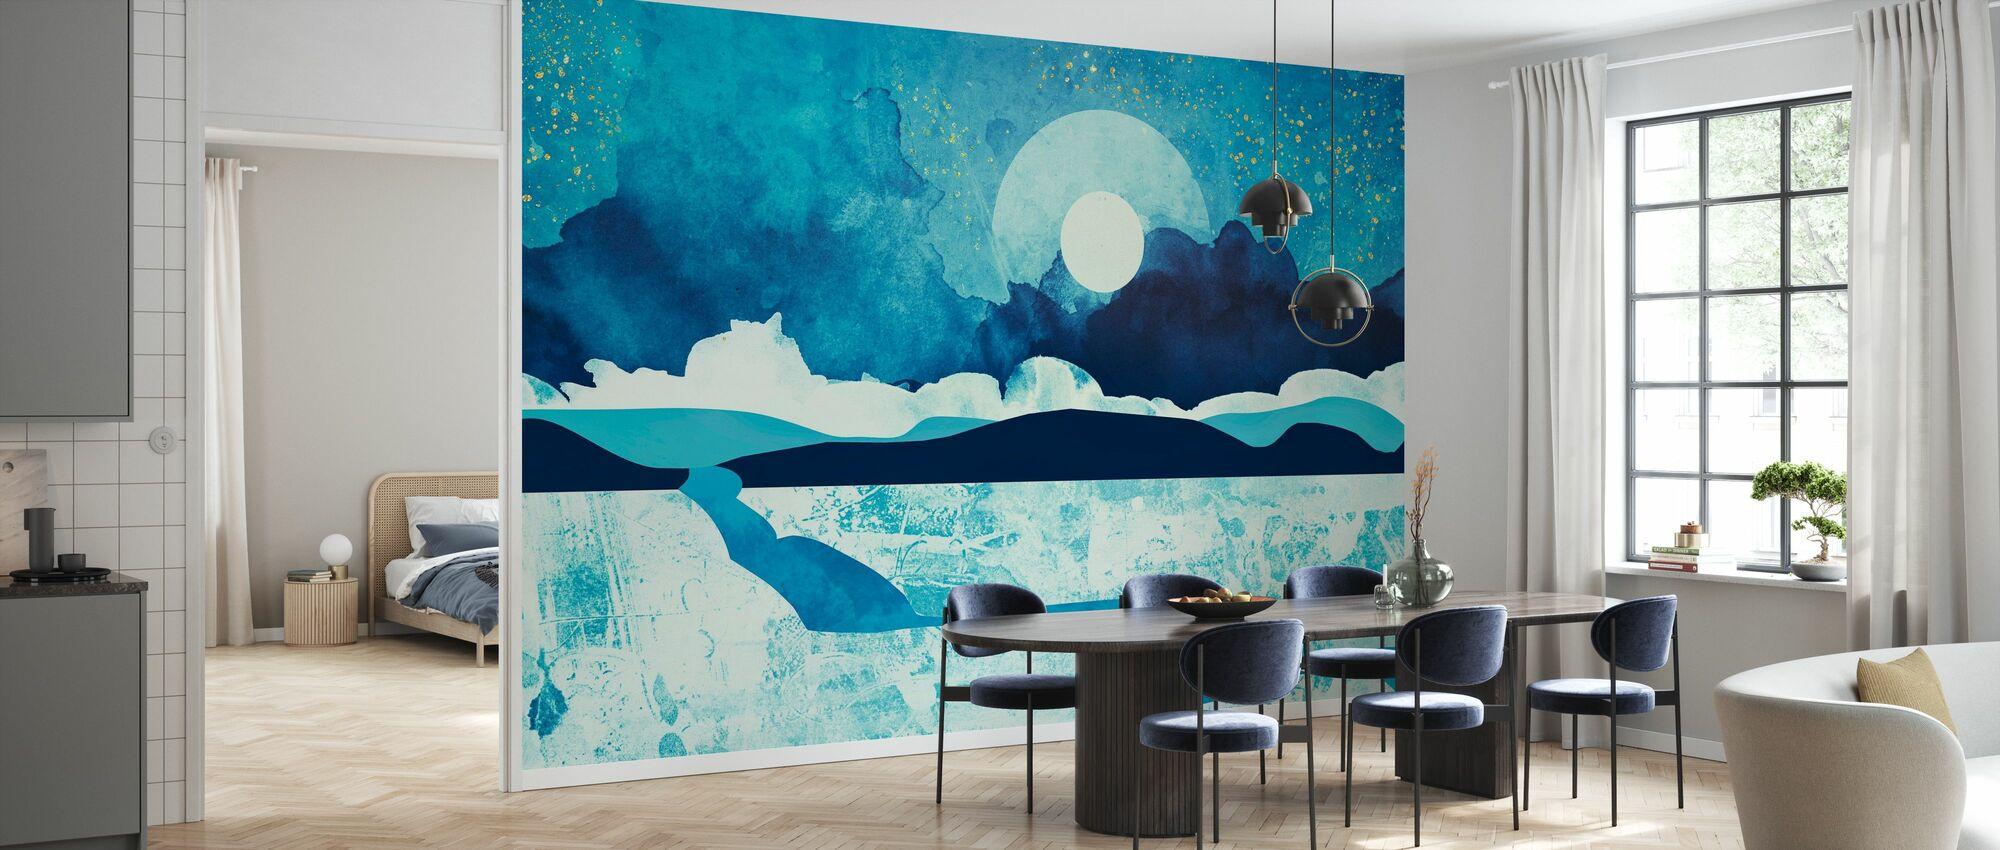 Blue Desert - SpaceFrogDesigns - Wallpaper - Kitchen